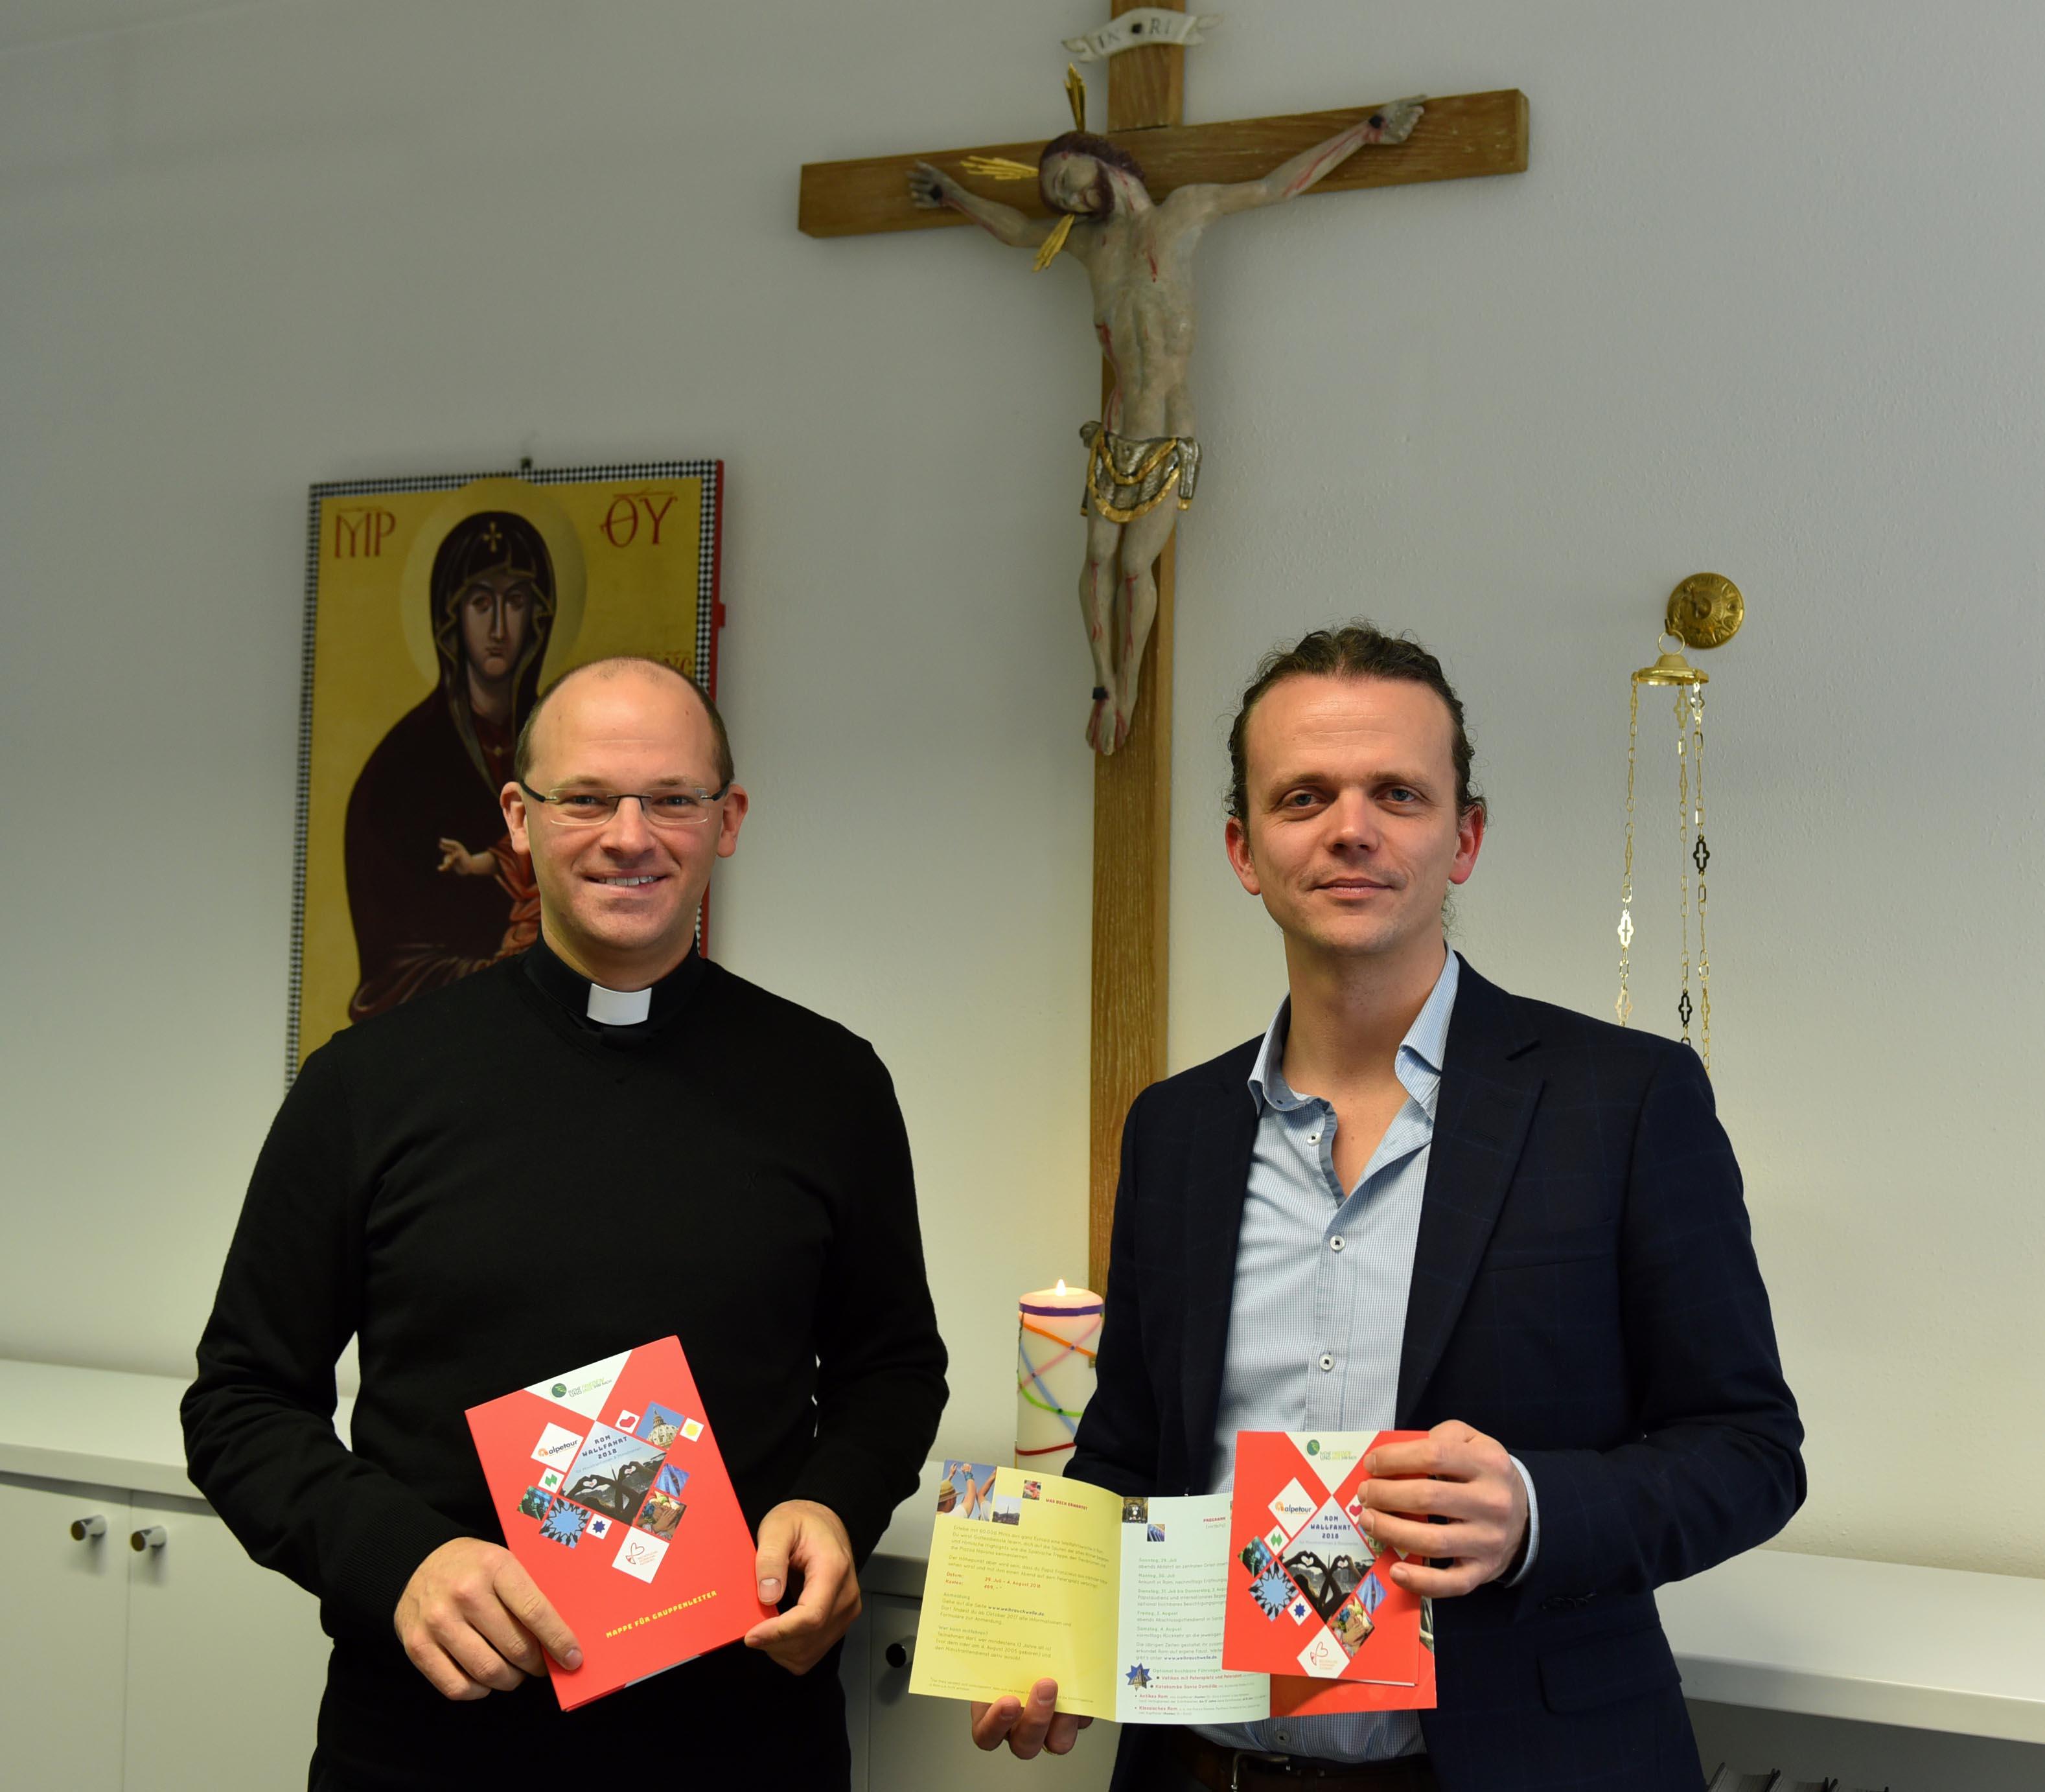 Diözesanjugendpfarrer Dr. Florian Markter und Thomas Kohler, Referent für Ministrantenpastoral, organisieren und betreuen die Romwallfahrt. (Foto: Simone Zwikirsch / pba)